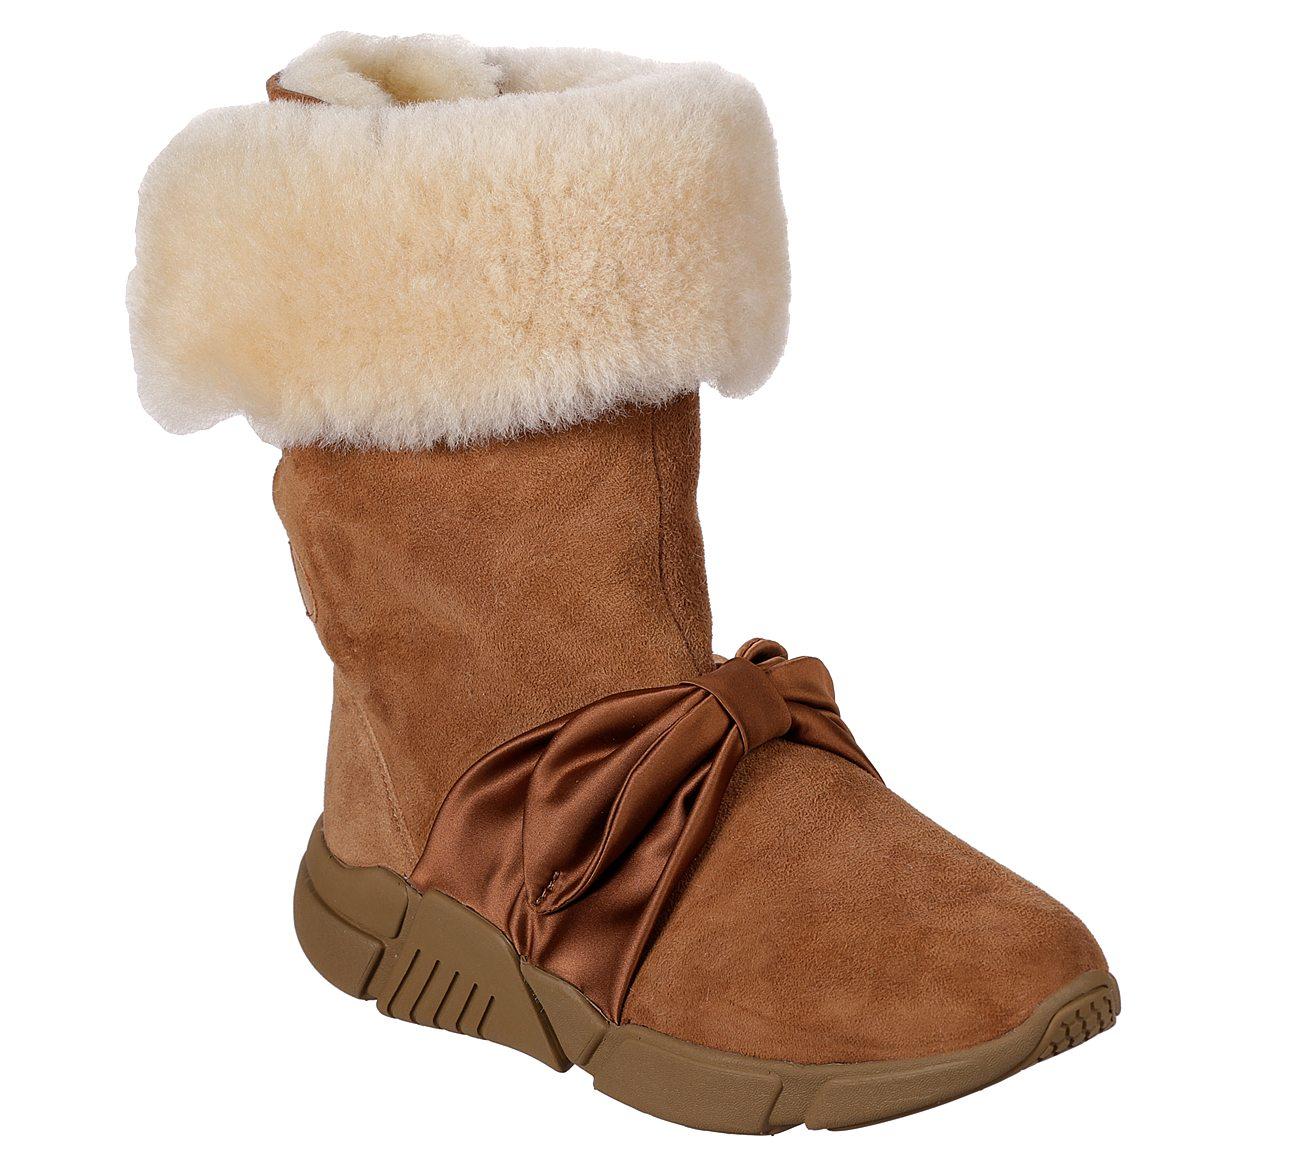 skechers sheepskin boots